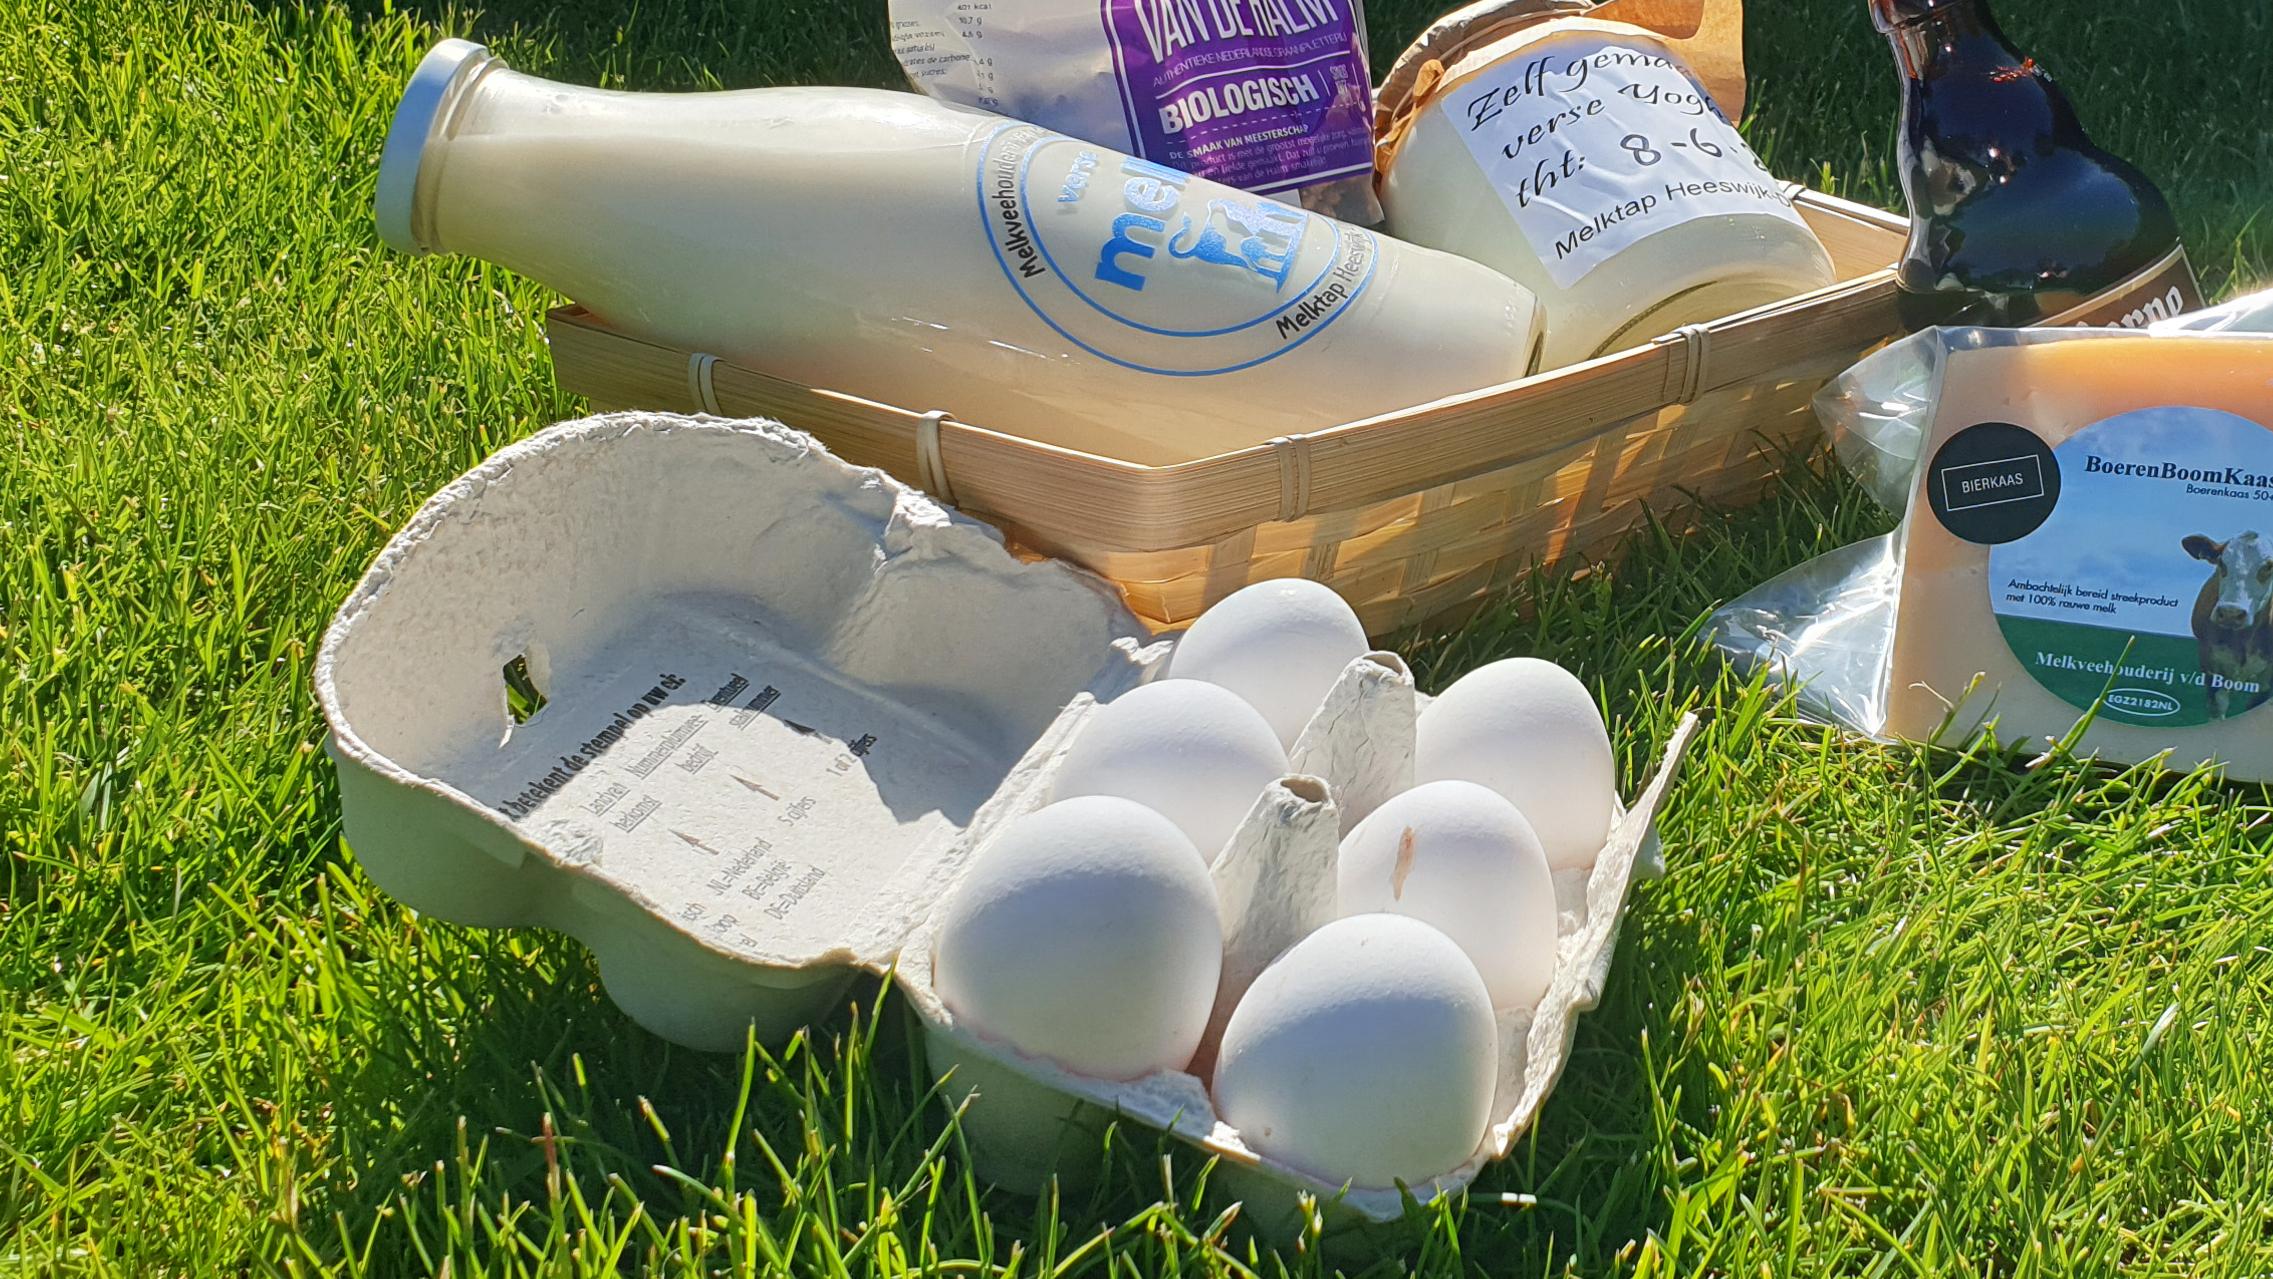 Ook te koop bij melktap heeswijk dinther, heerlijke verse eitjes